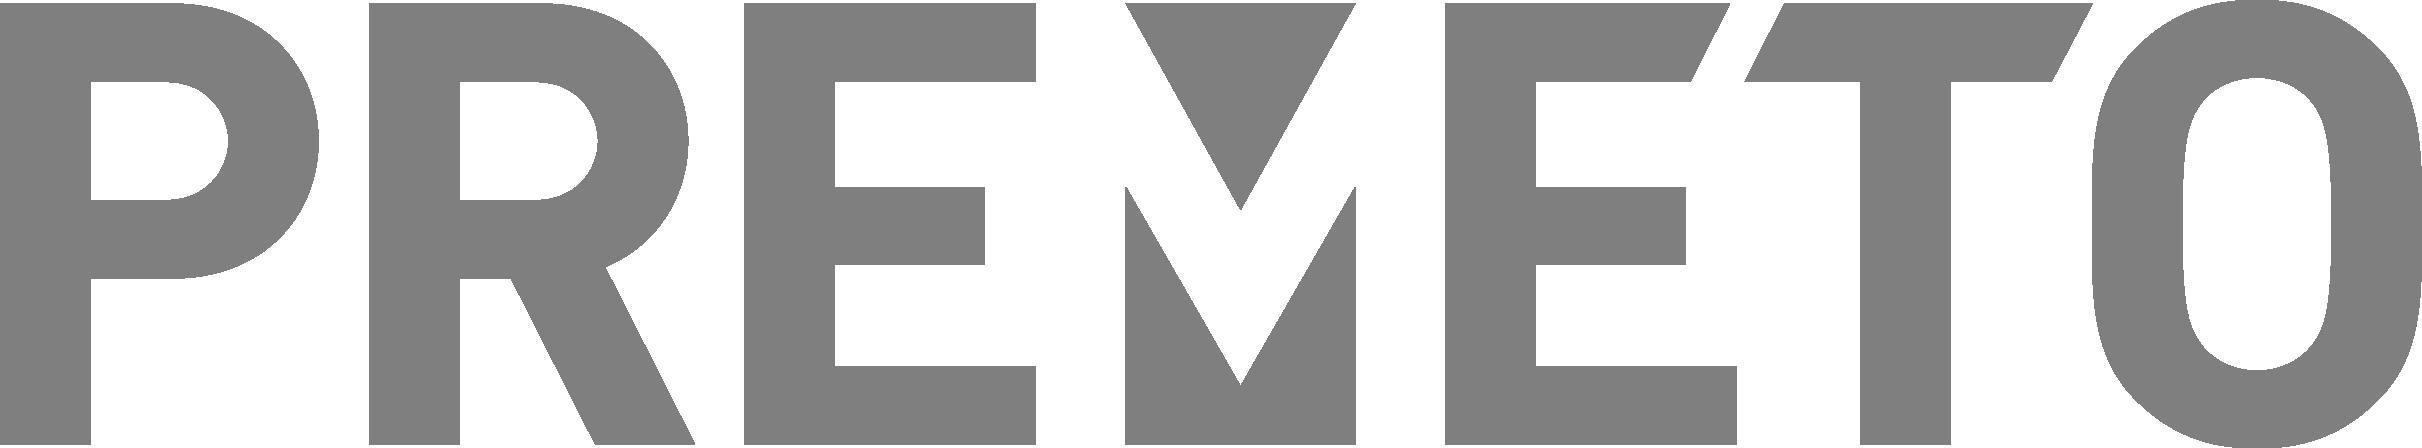 logo_Premeto_Grijs